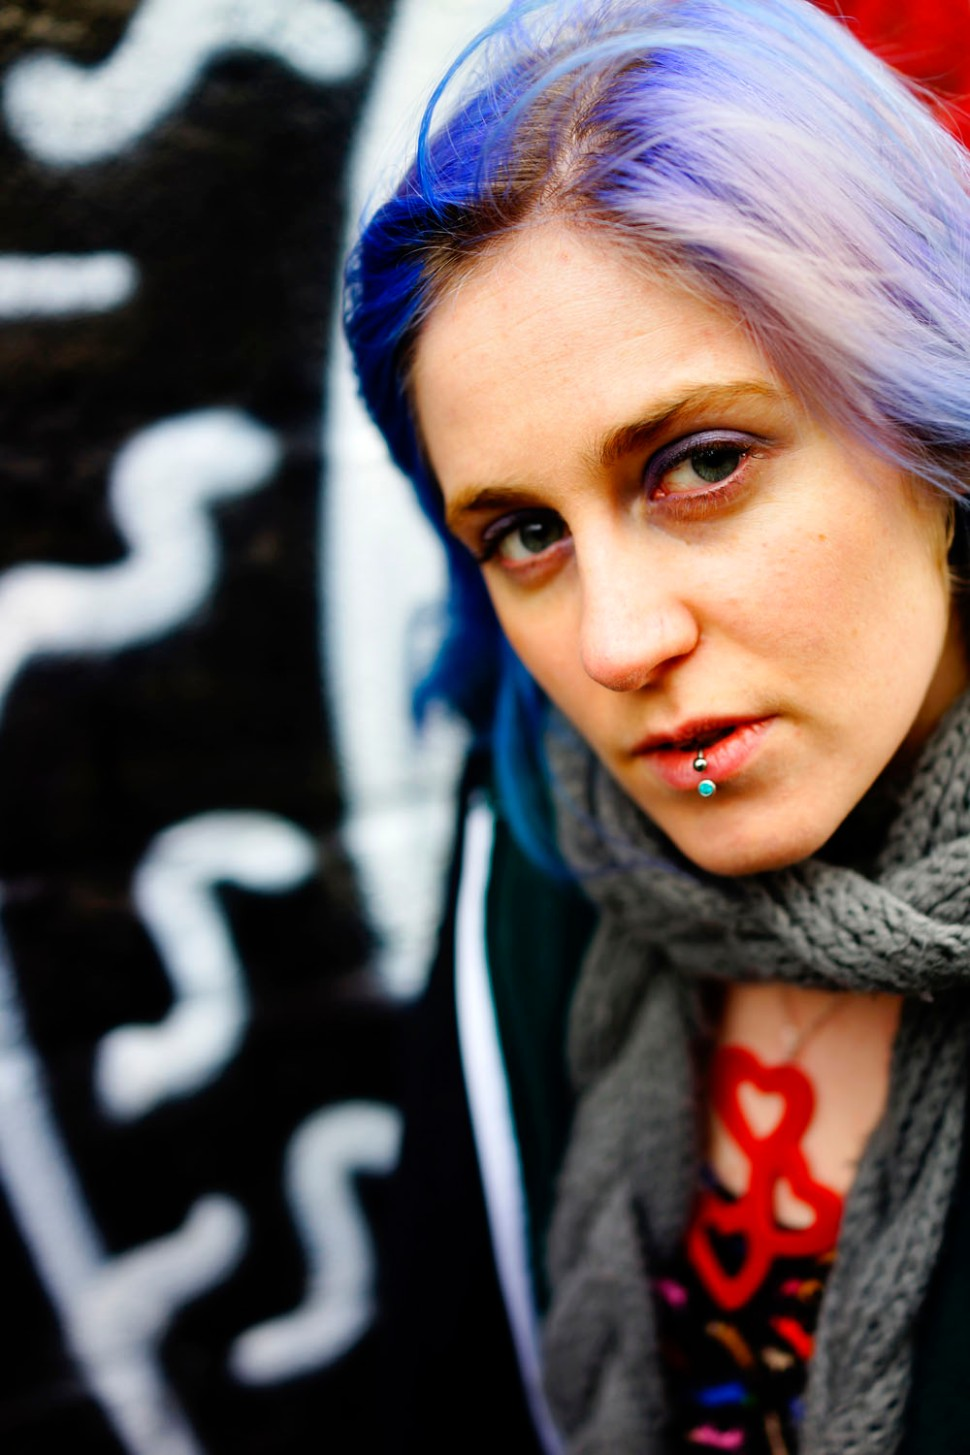 violet-noir-sony-rx1-portraits-010